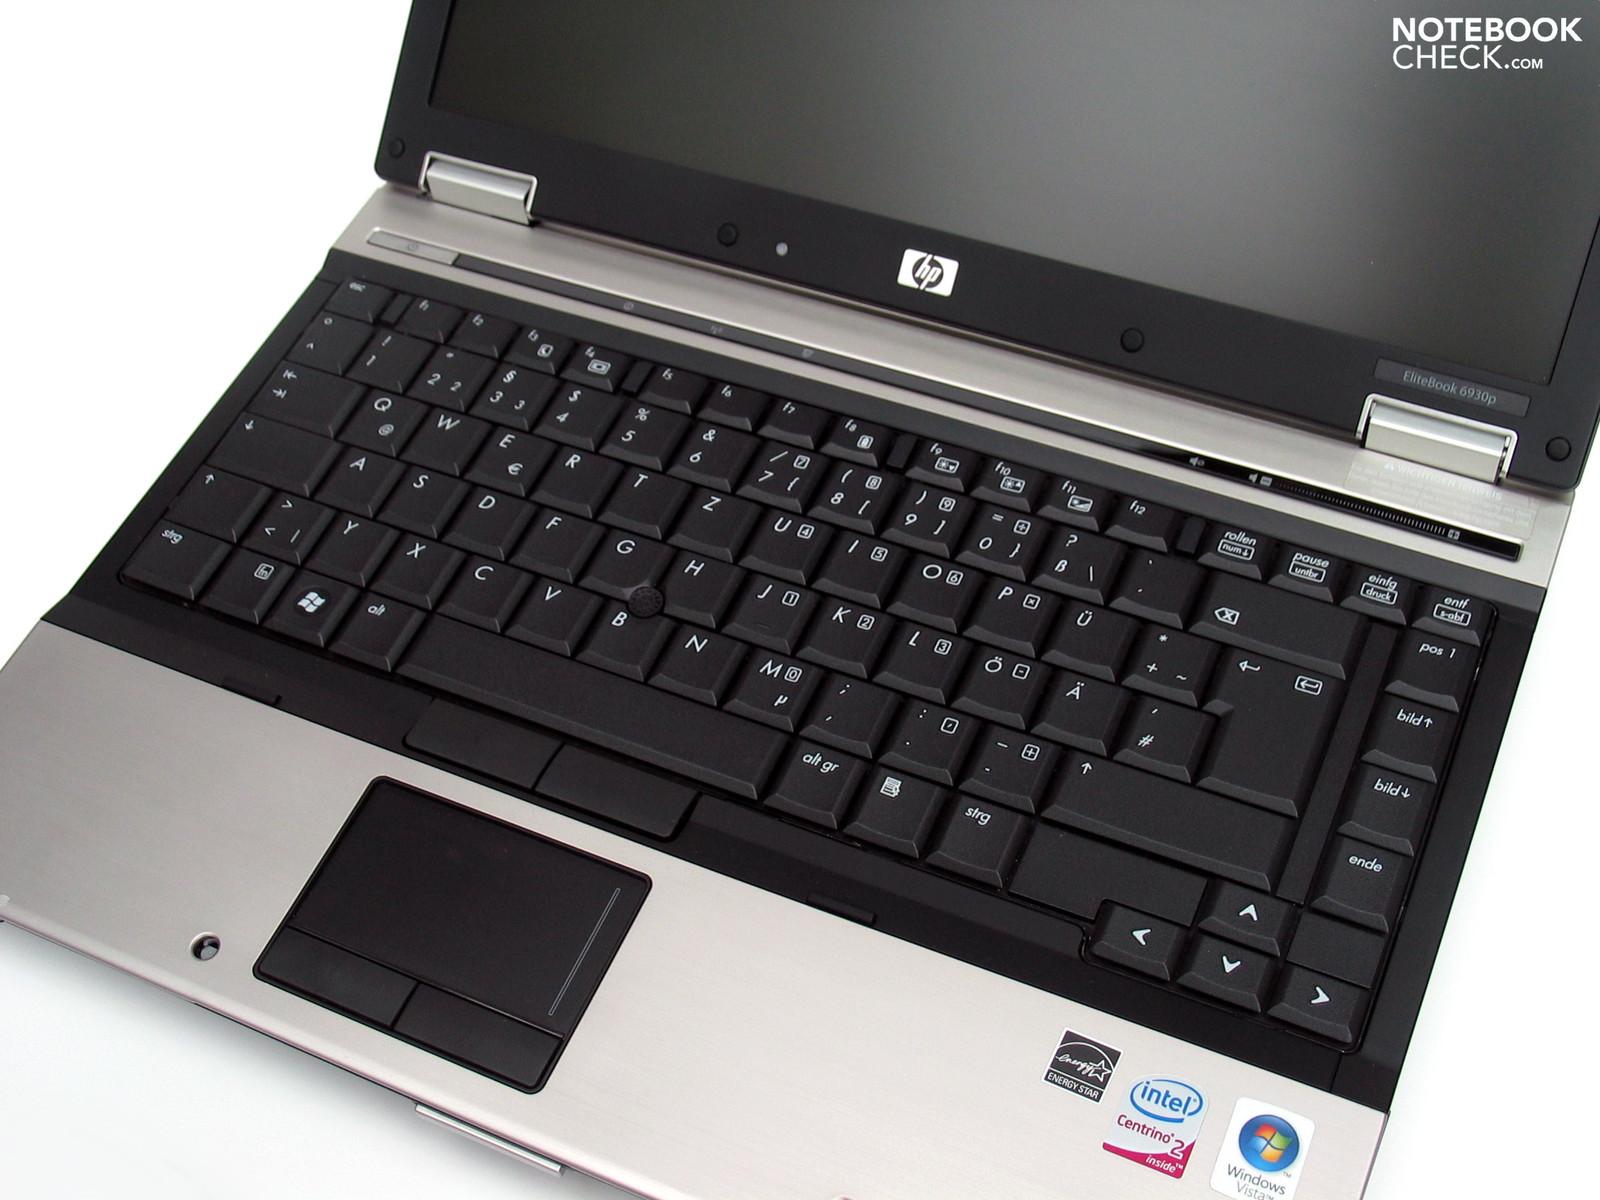 HP EliteBook 6930p Notebook Treiber Windows 7